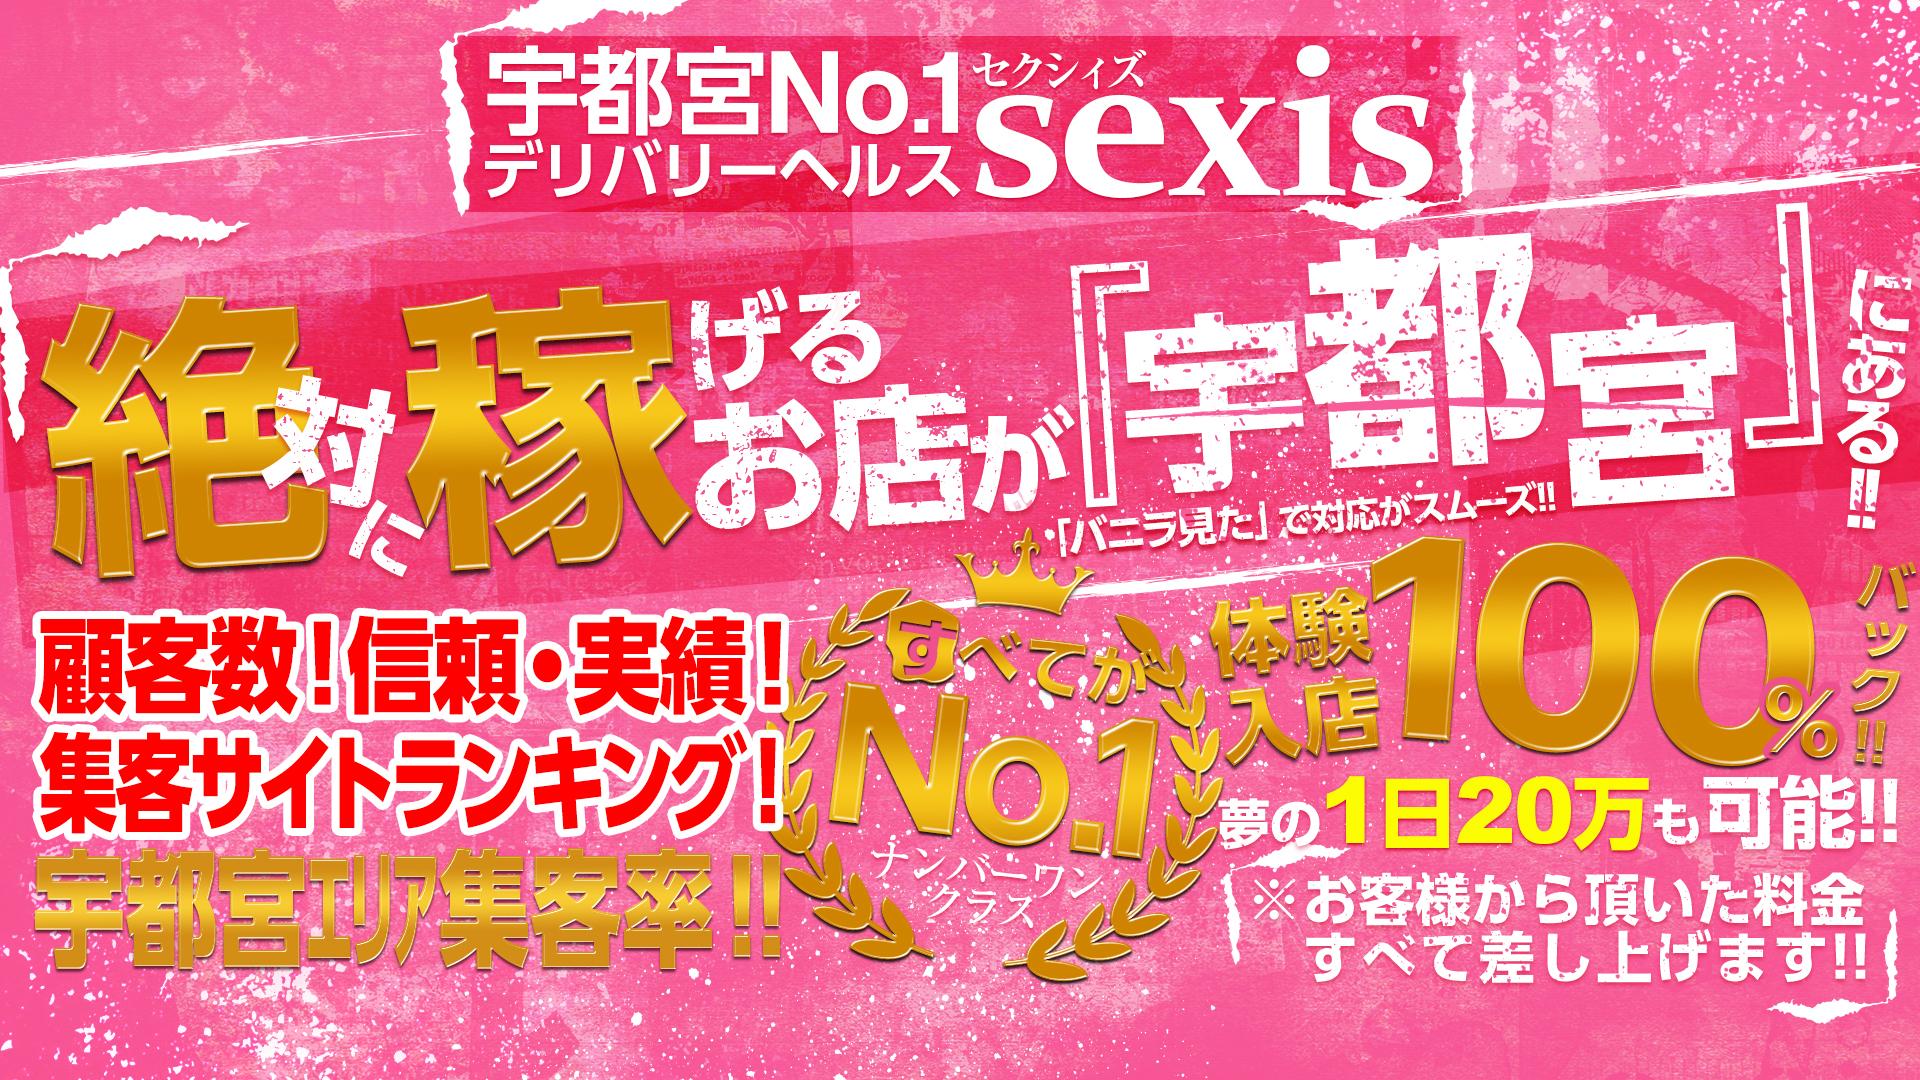 sexisの求人画像